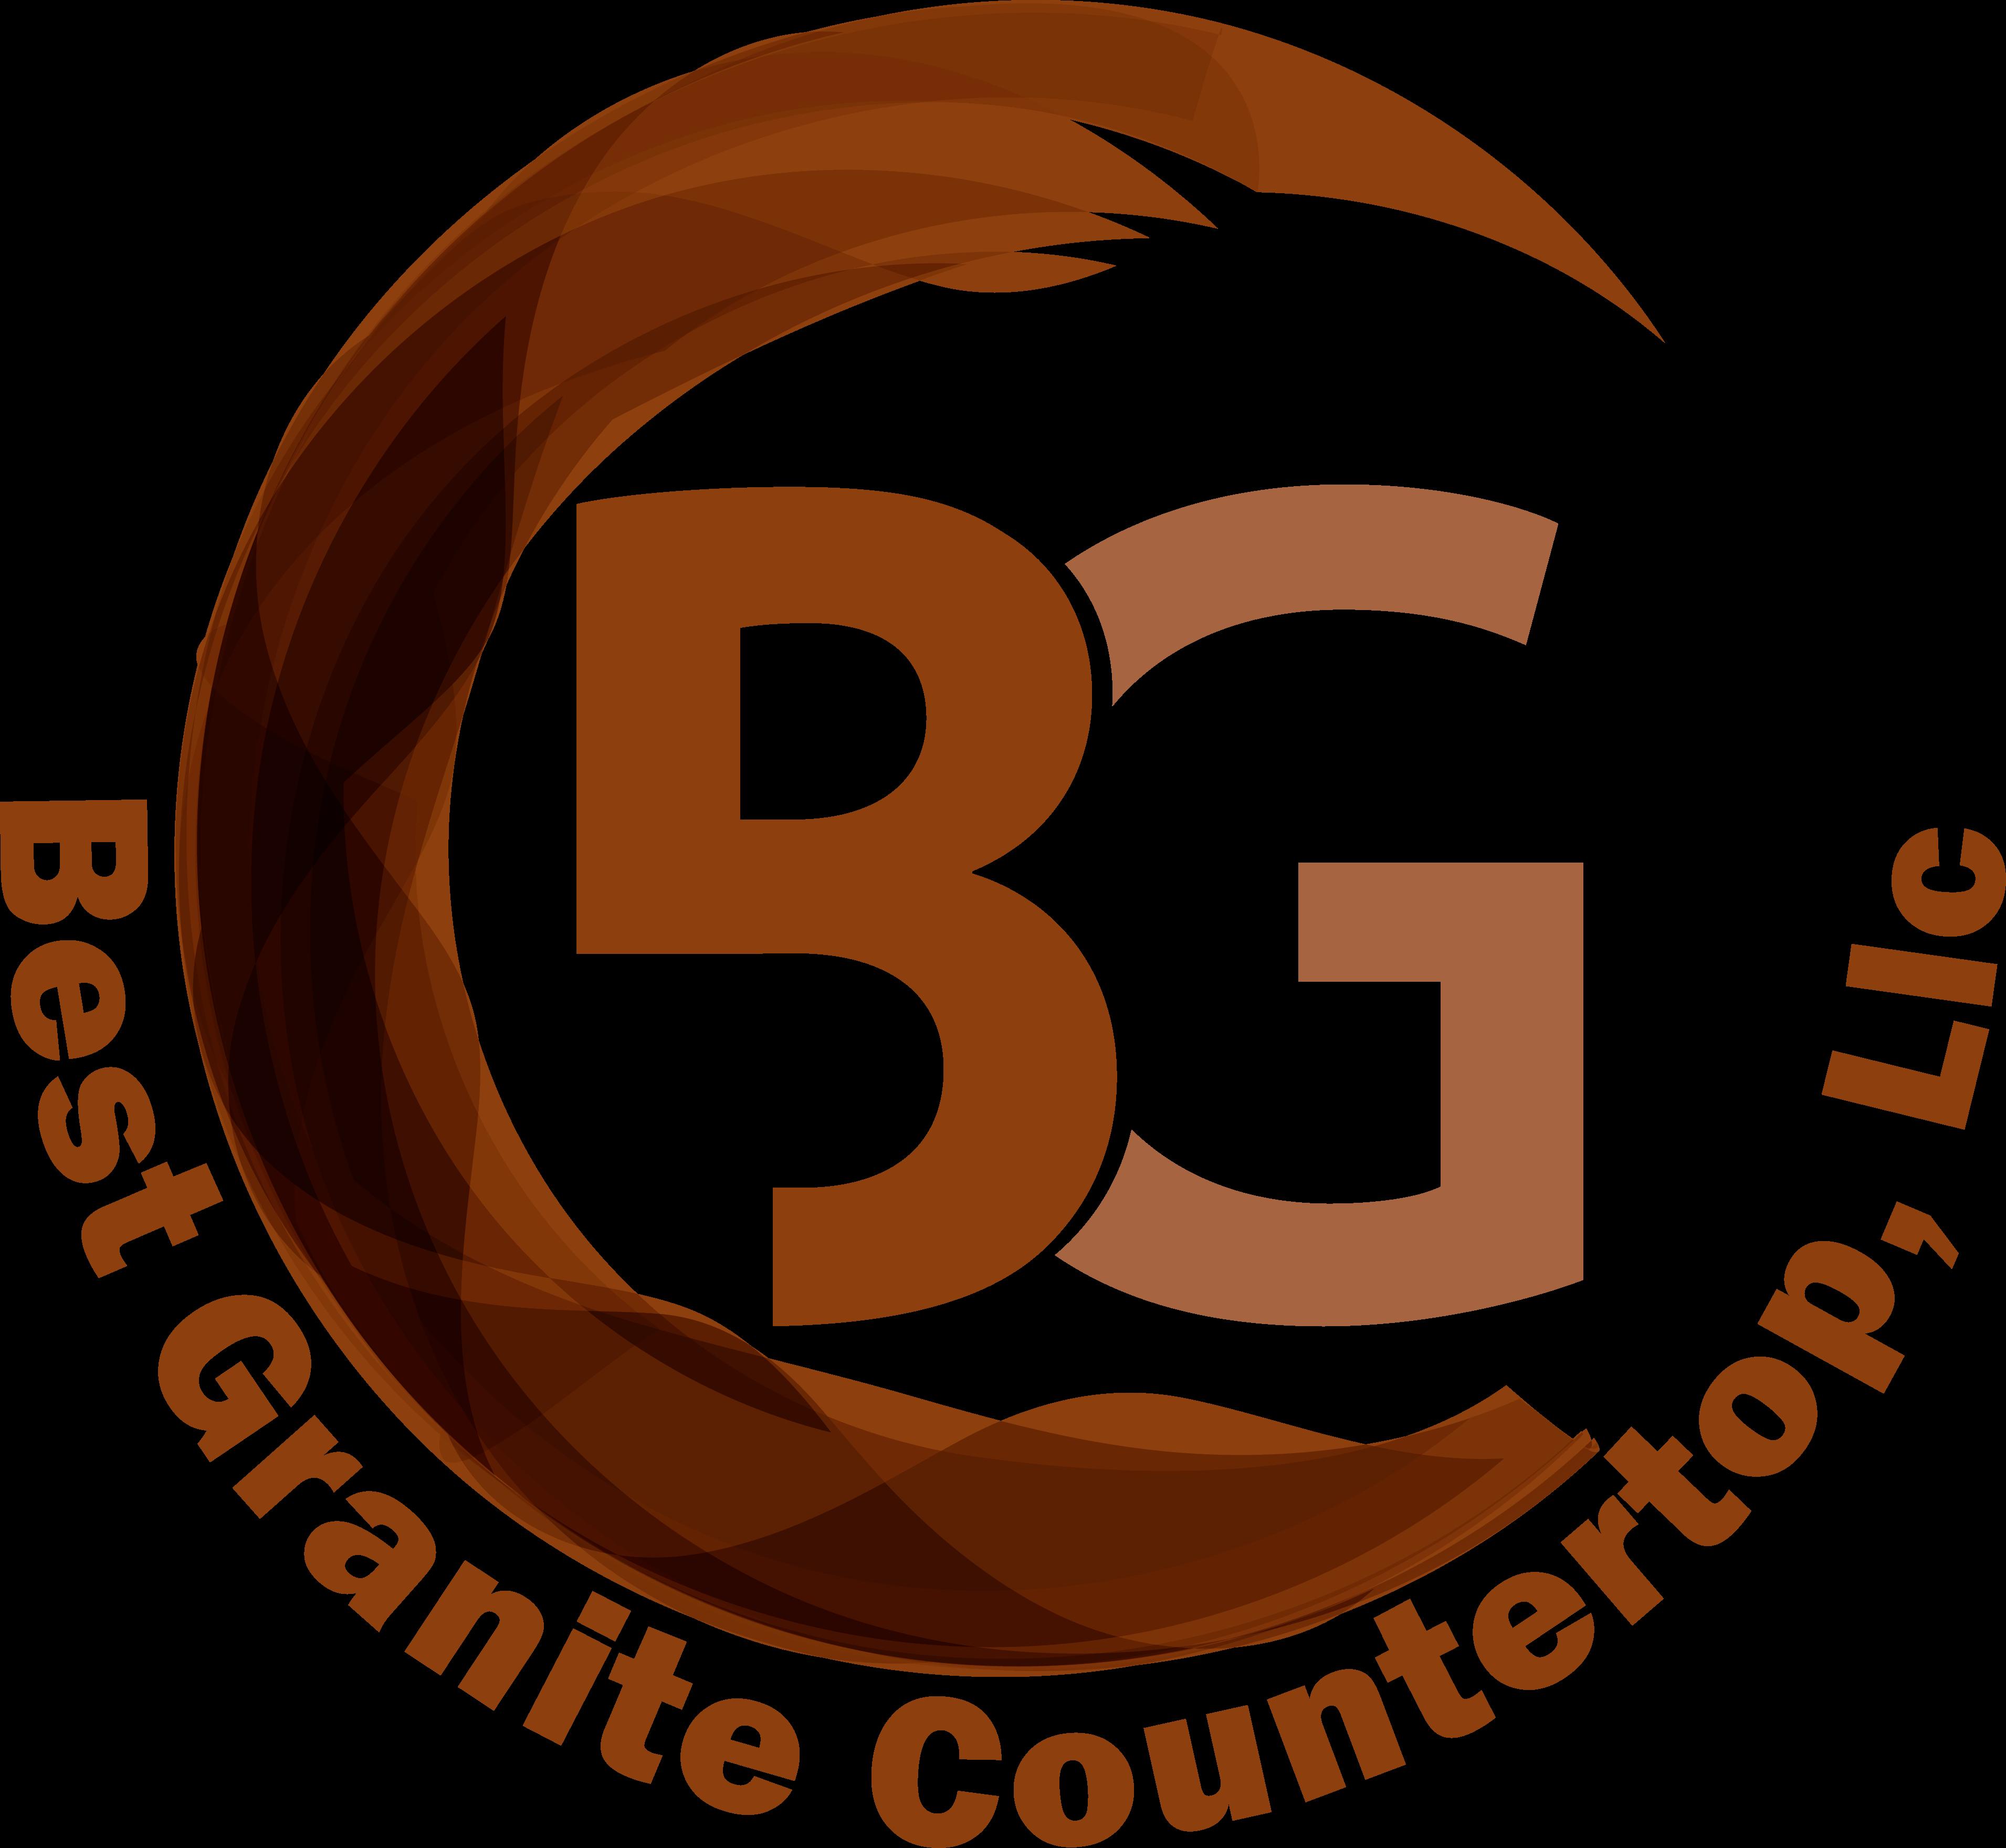 Best Granite Countertop LLC